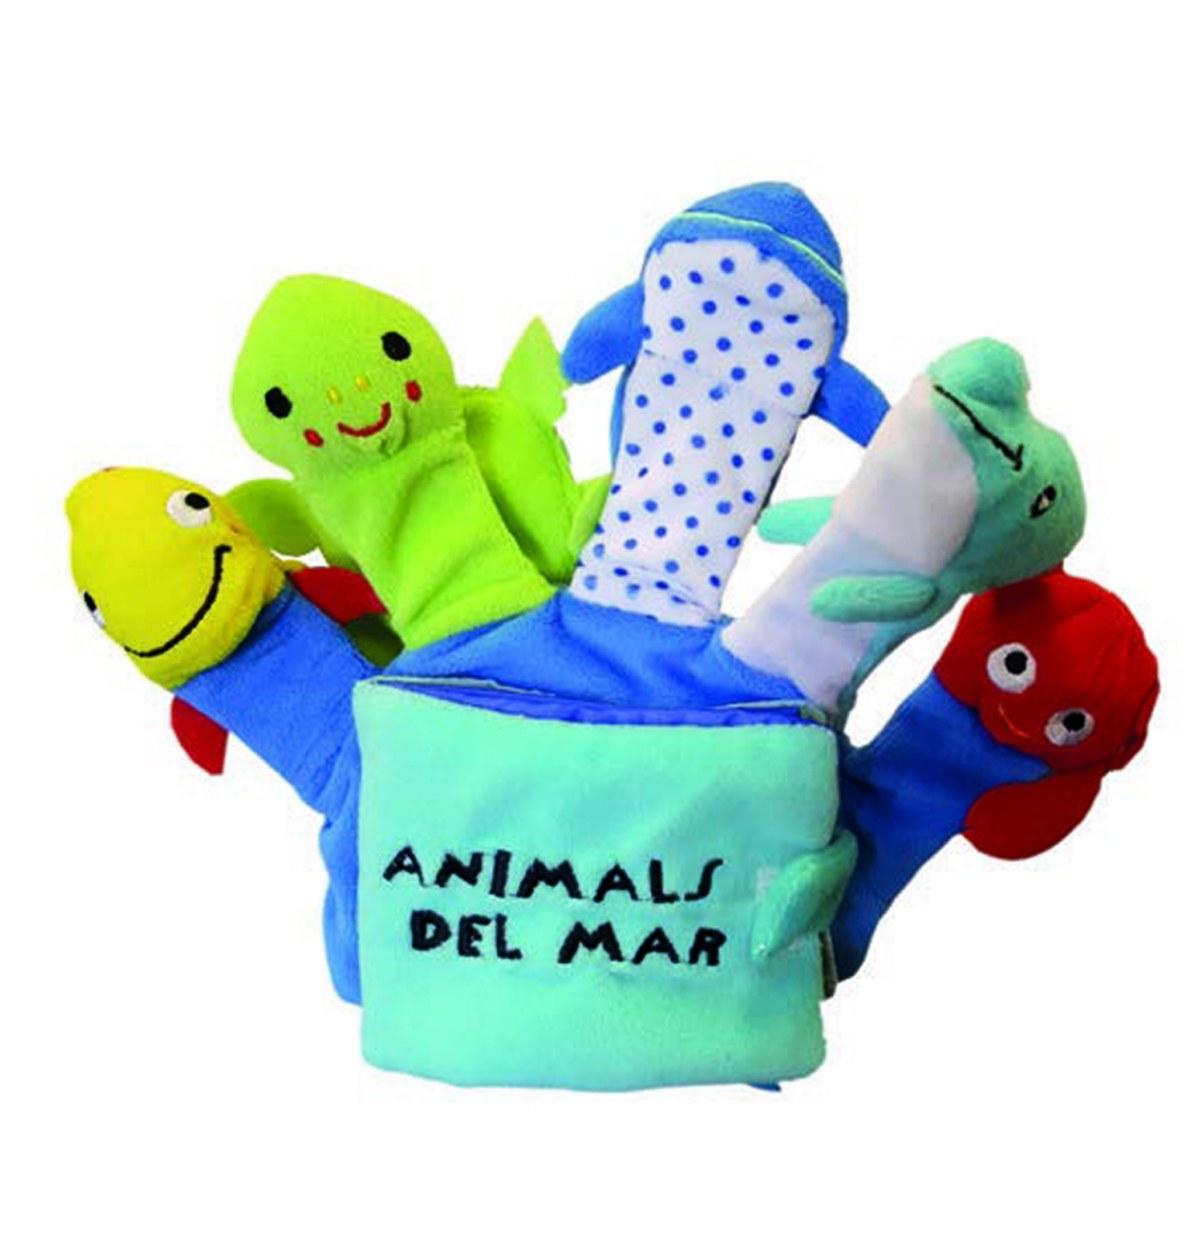 ANIMALS DEL MAR